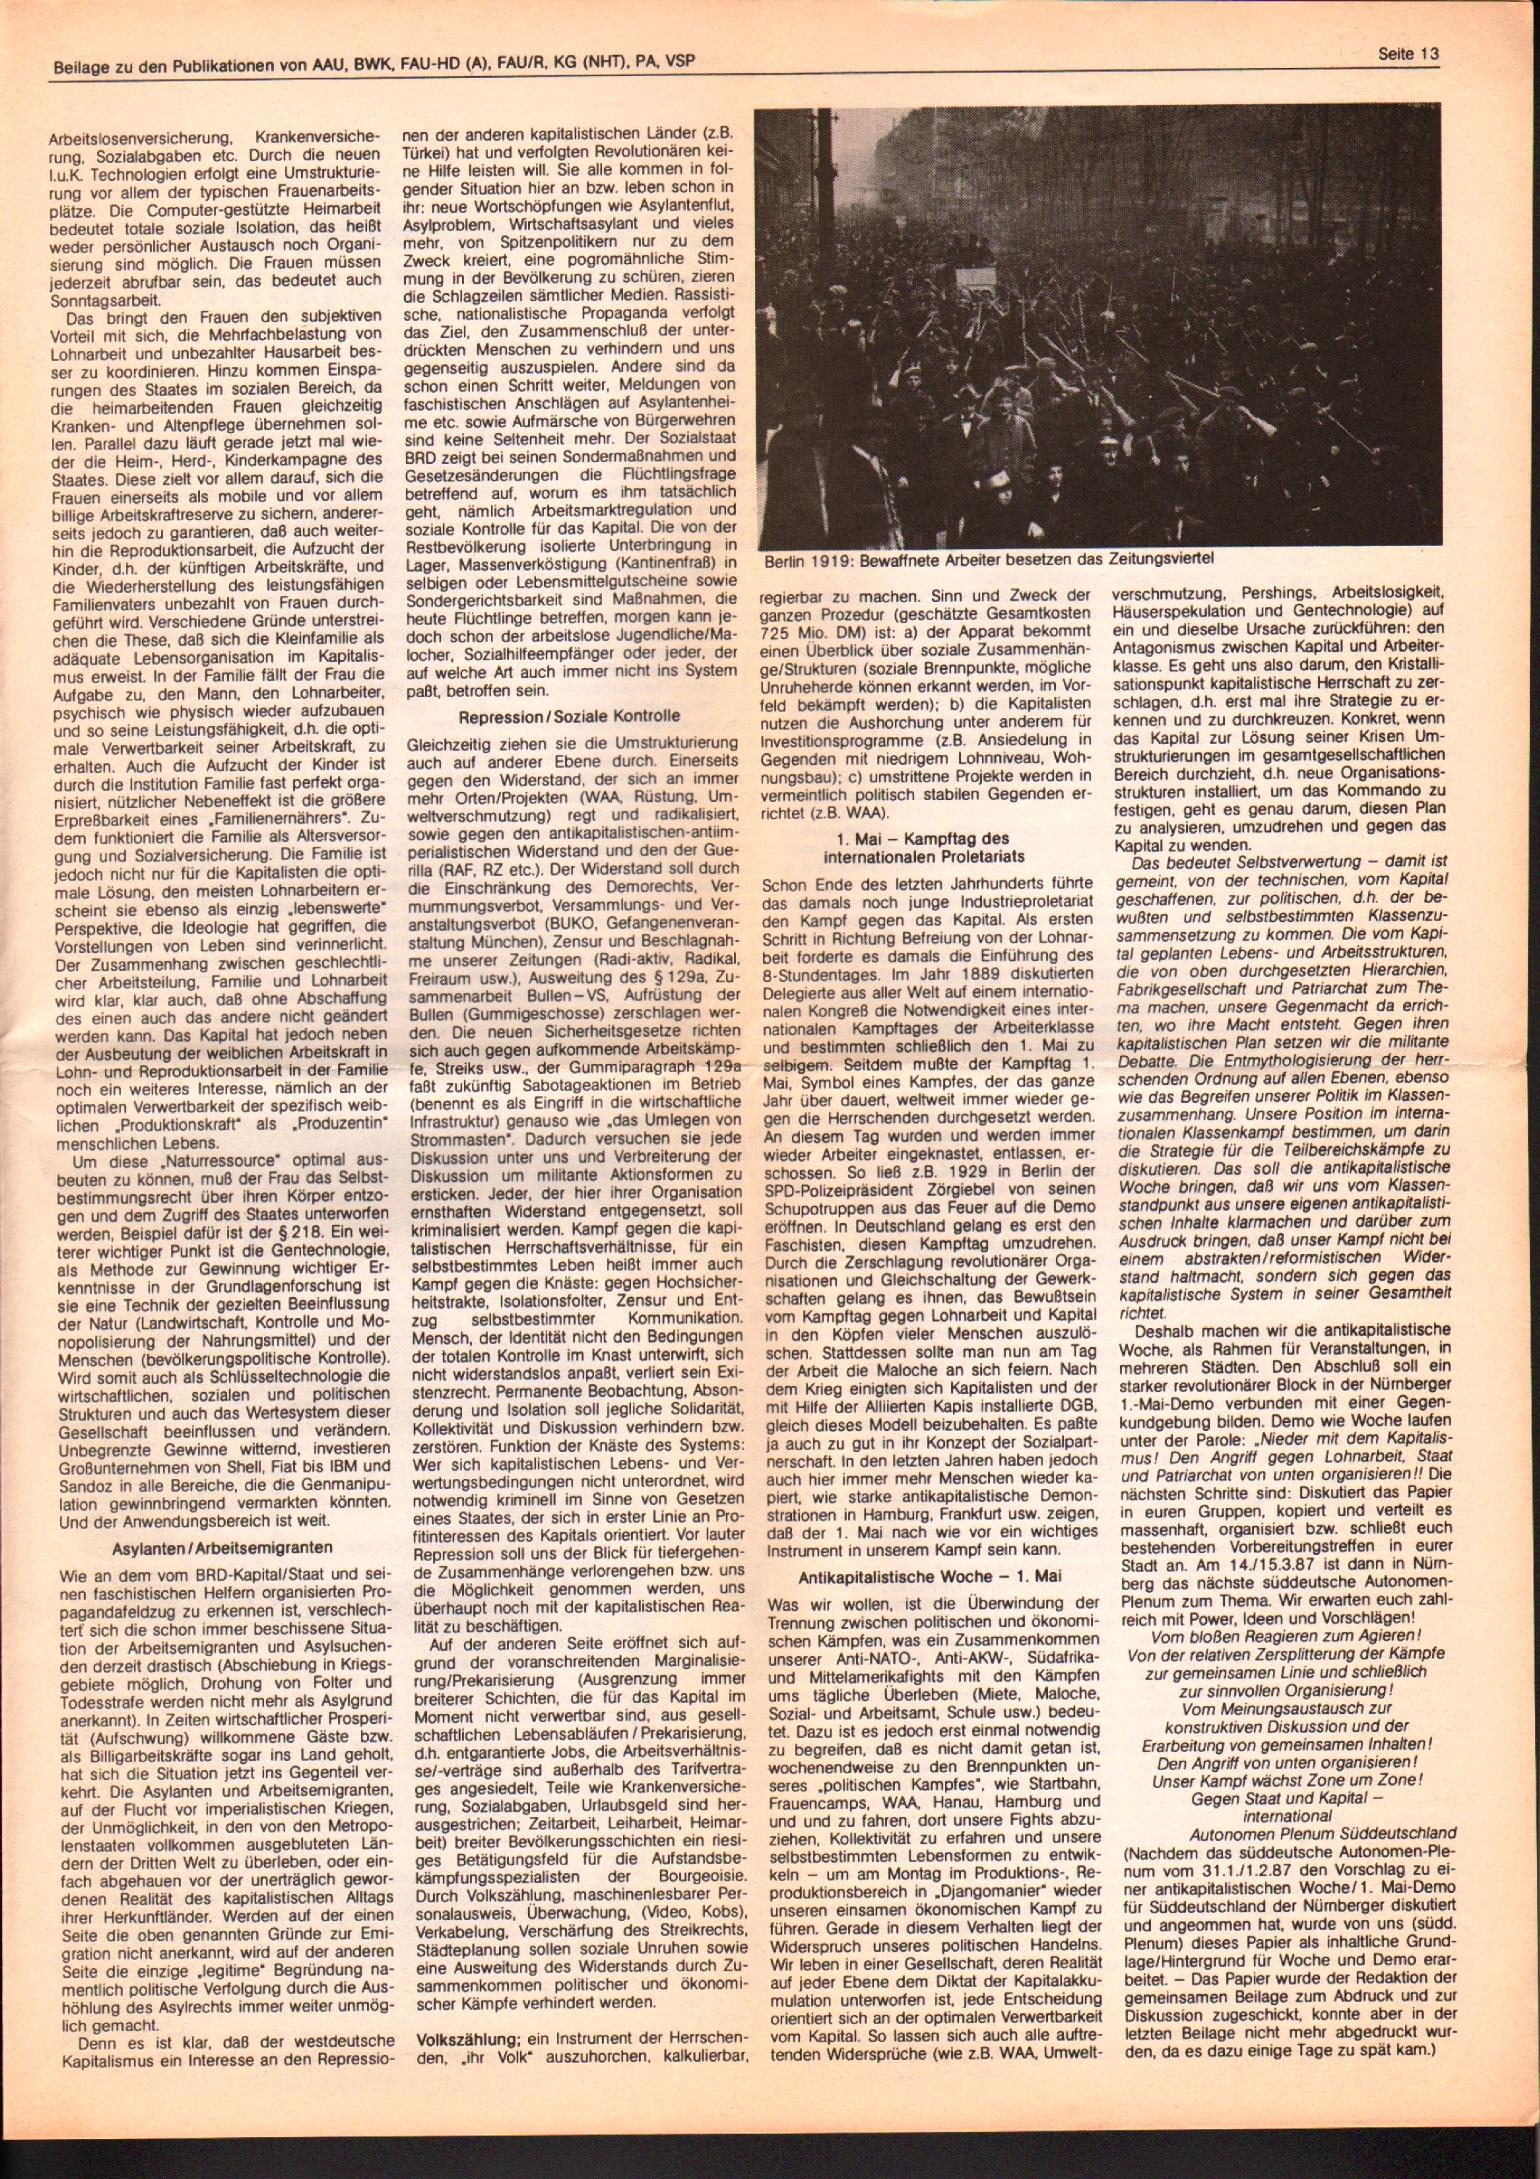 Gemeinsame_Beilage_1987_02_13